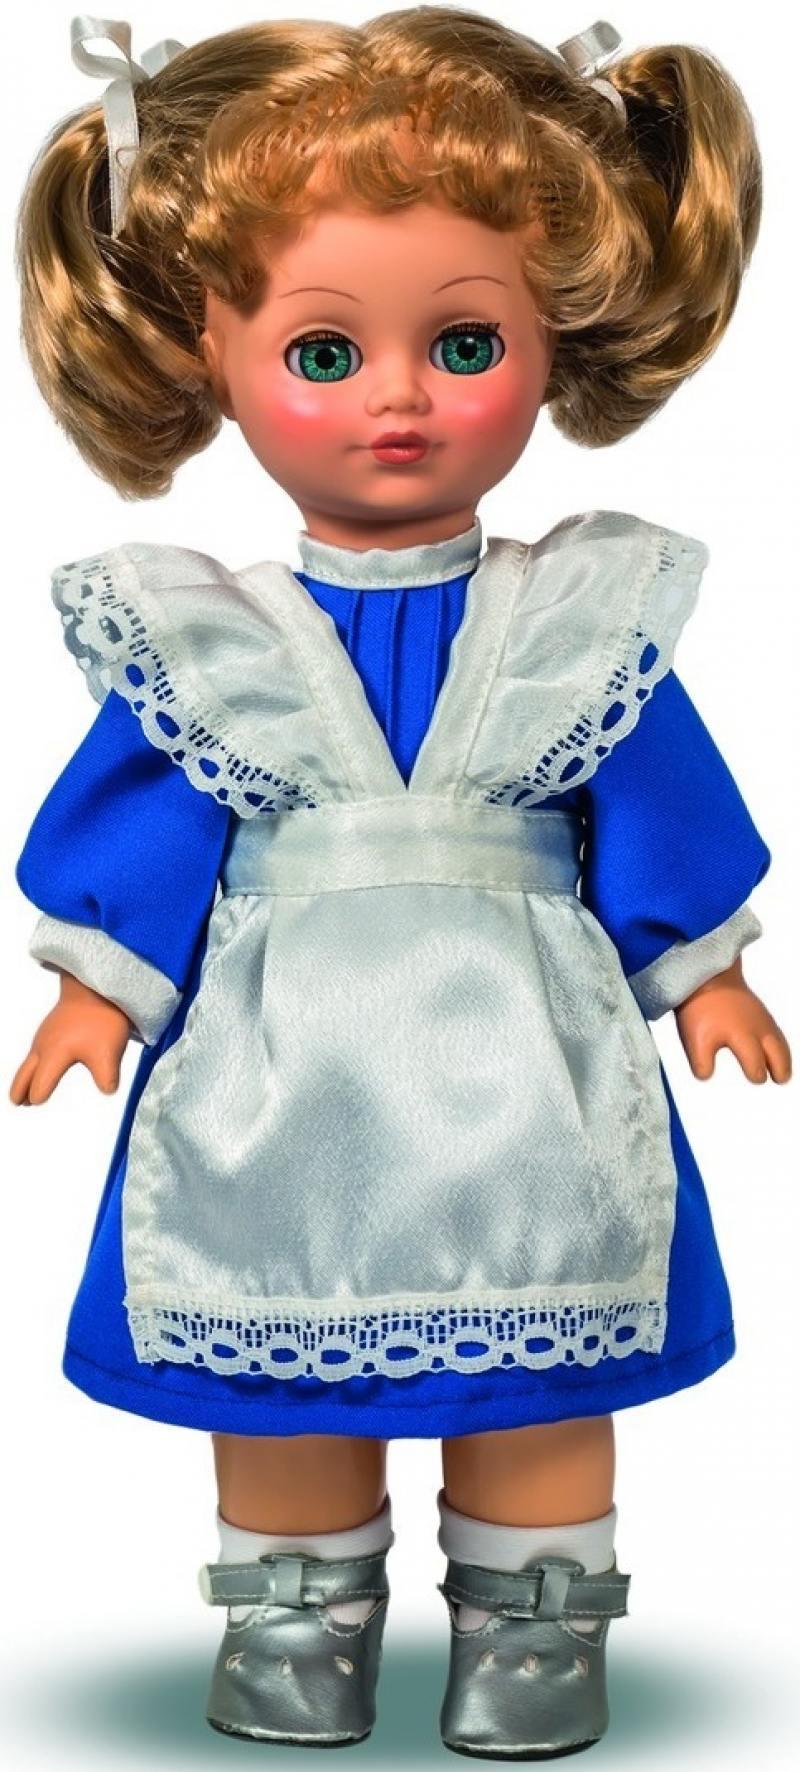 Кукла ВЕСНА Олеся 2 со звук,нов.упак , 35 см. В270/о весна кукла олеся 5 со звуковым устройством 35 см